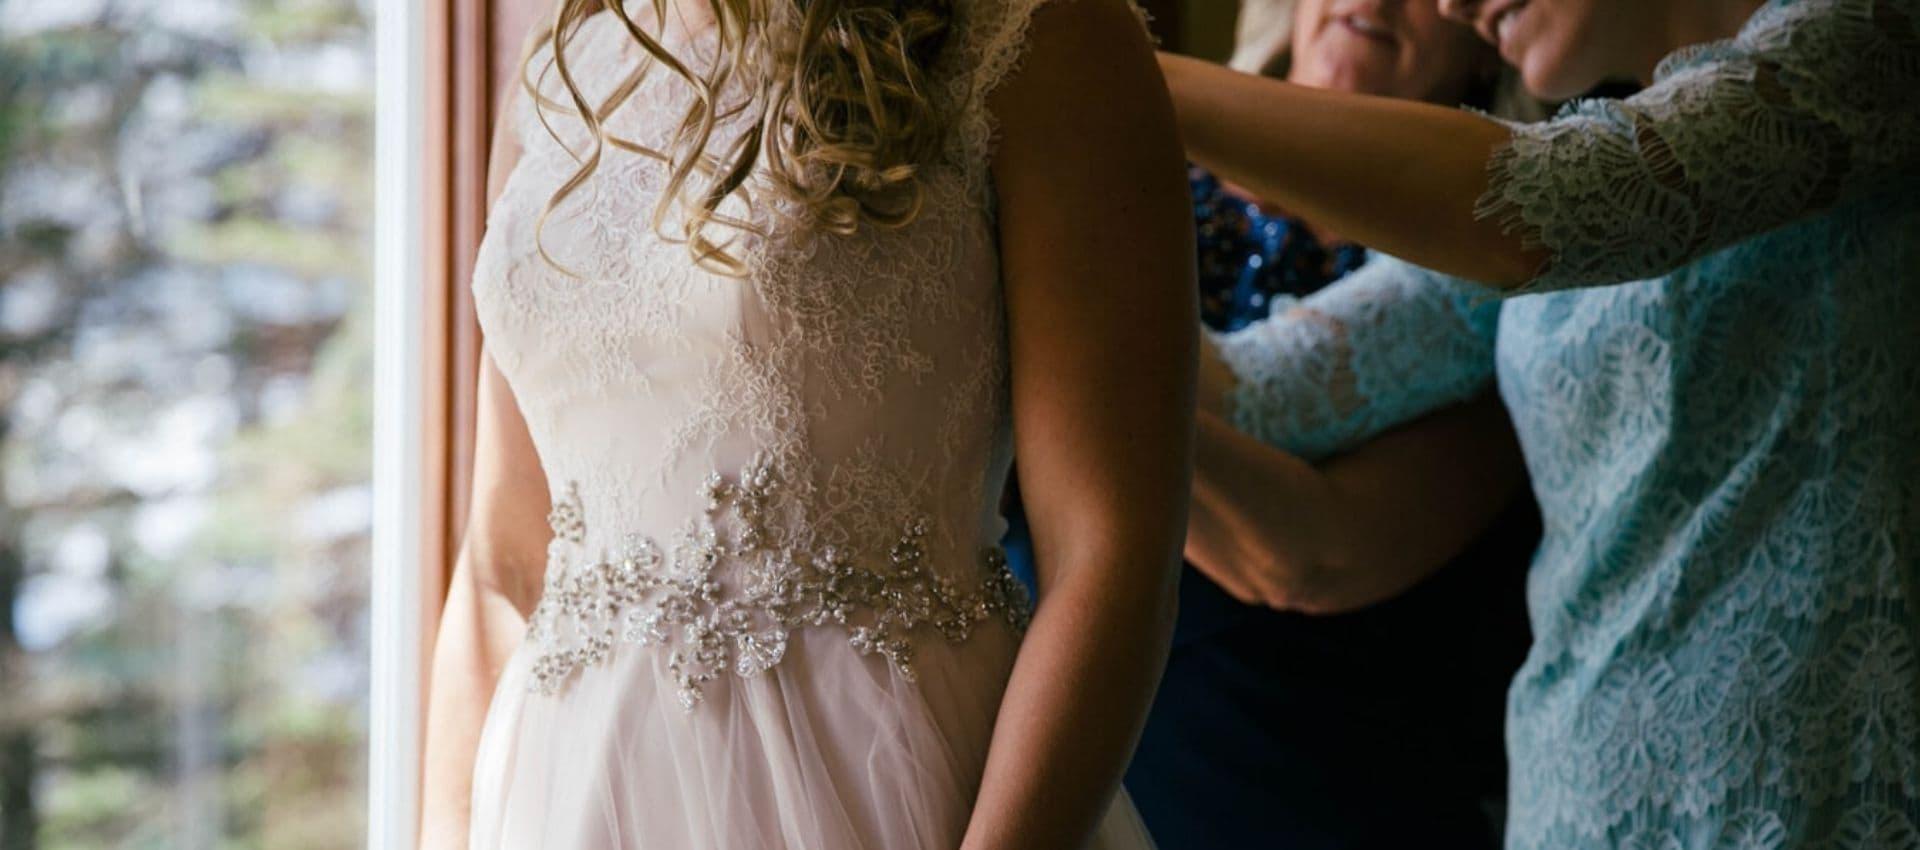 tradiciones de bodas